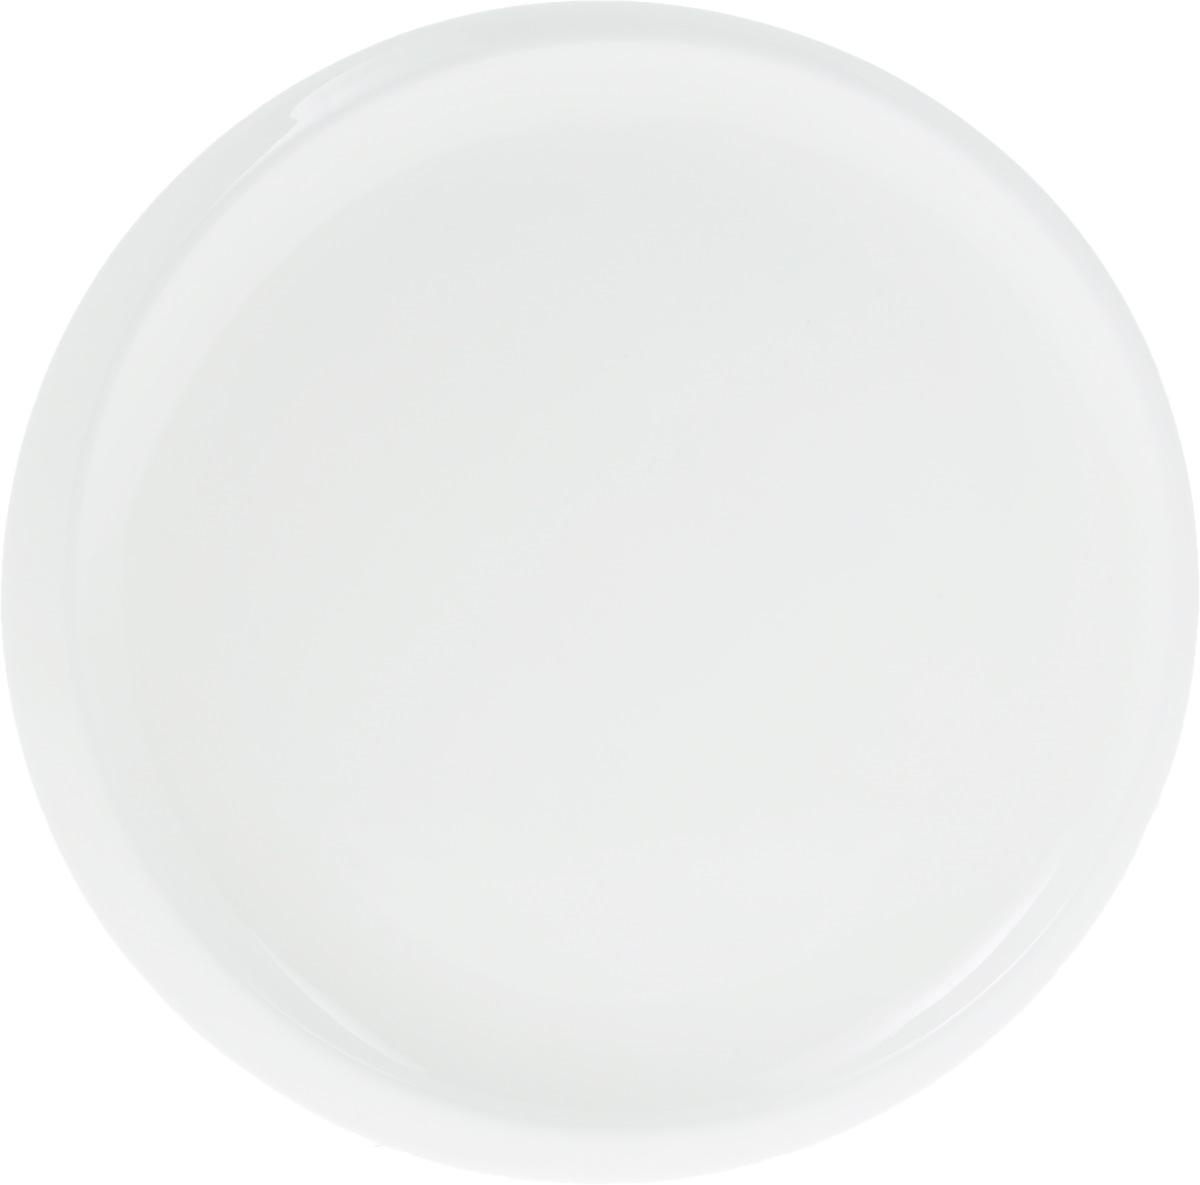 Тарелка Wilmax, диаметр 24 смWL-991236 / AТарелка Wilmax, изготовленная из высококачественного фарфора, имеет классическую круглую форму. Оригинальный дизайн придется по вкусу и ценителям классики, и тем, кто предпочитает утонченность и изысканность. Тарелка Wilmax идеально подойдет для сервировки стола и станет отличным подарком к любому празднику.